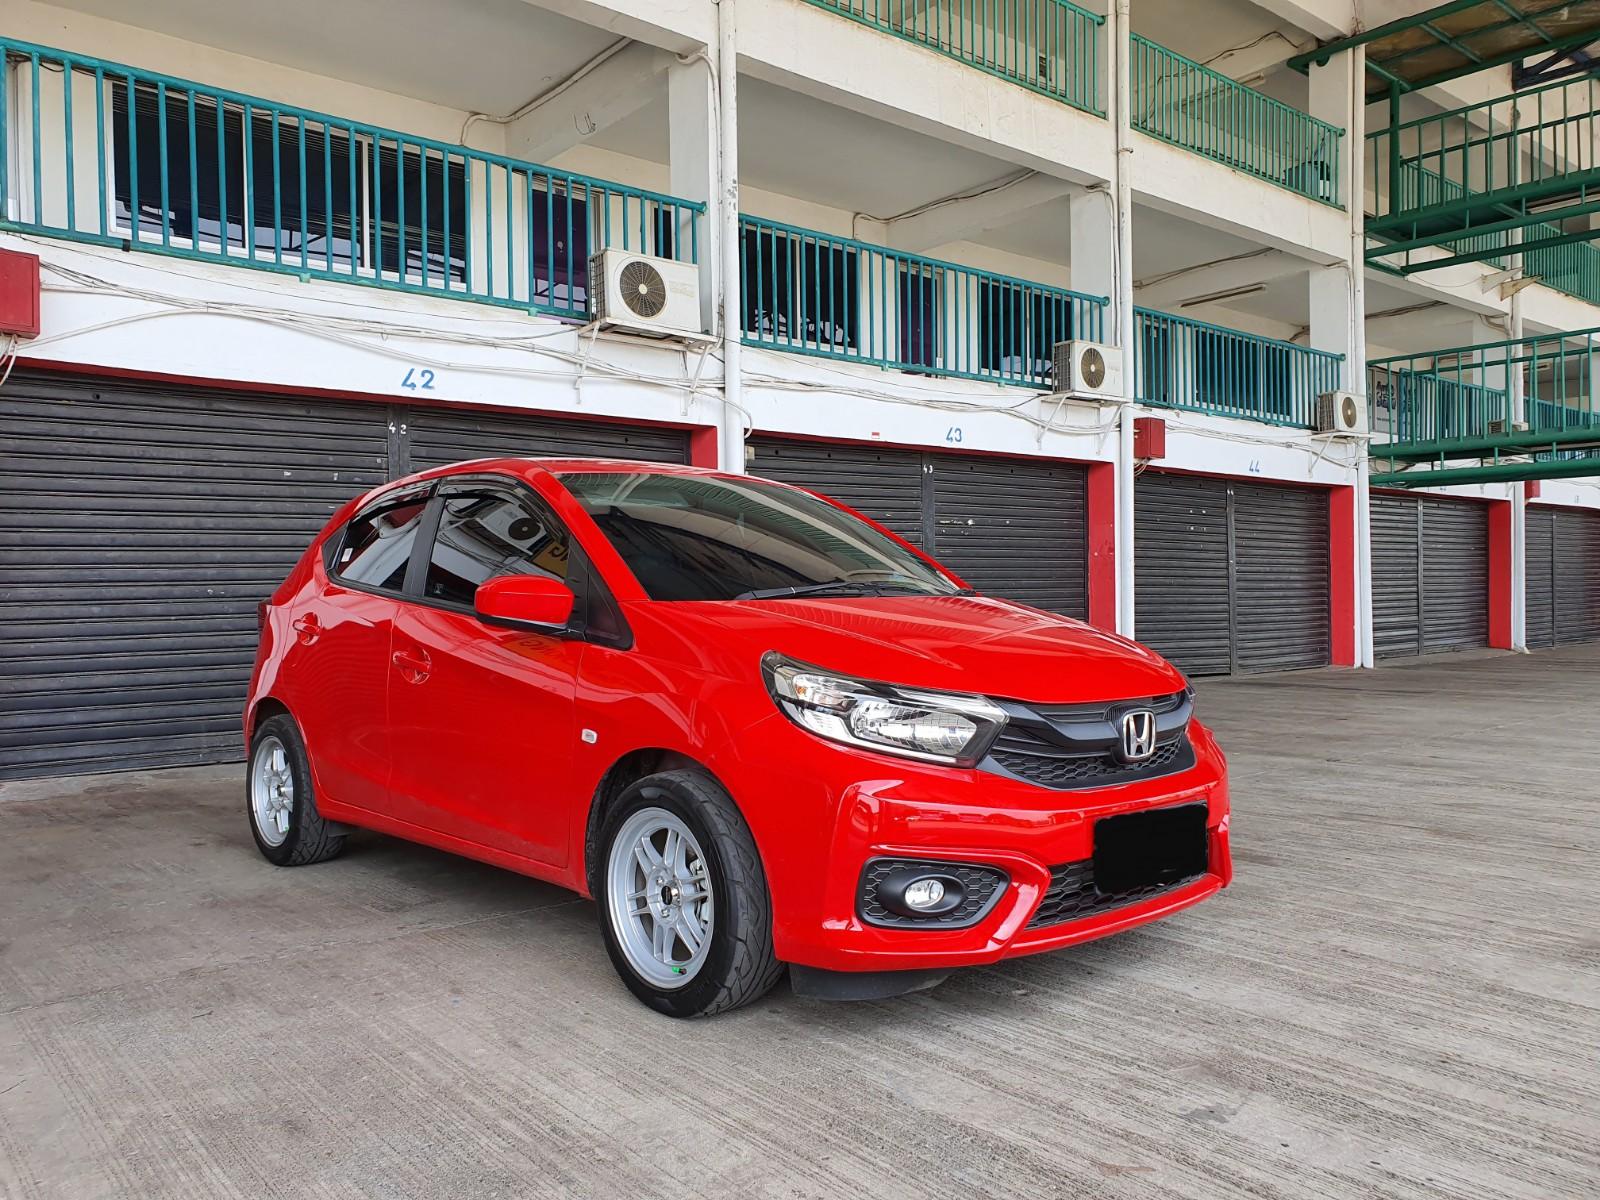 Mobil Terlaris di RI Dapat 3 Fitur Baru, Harga Tembus Rp200 Juta!